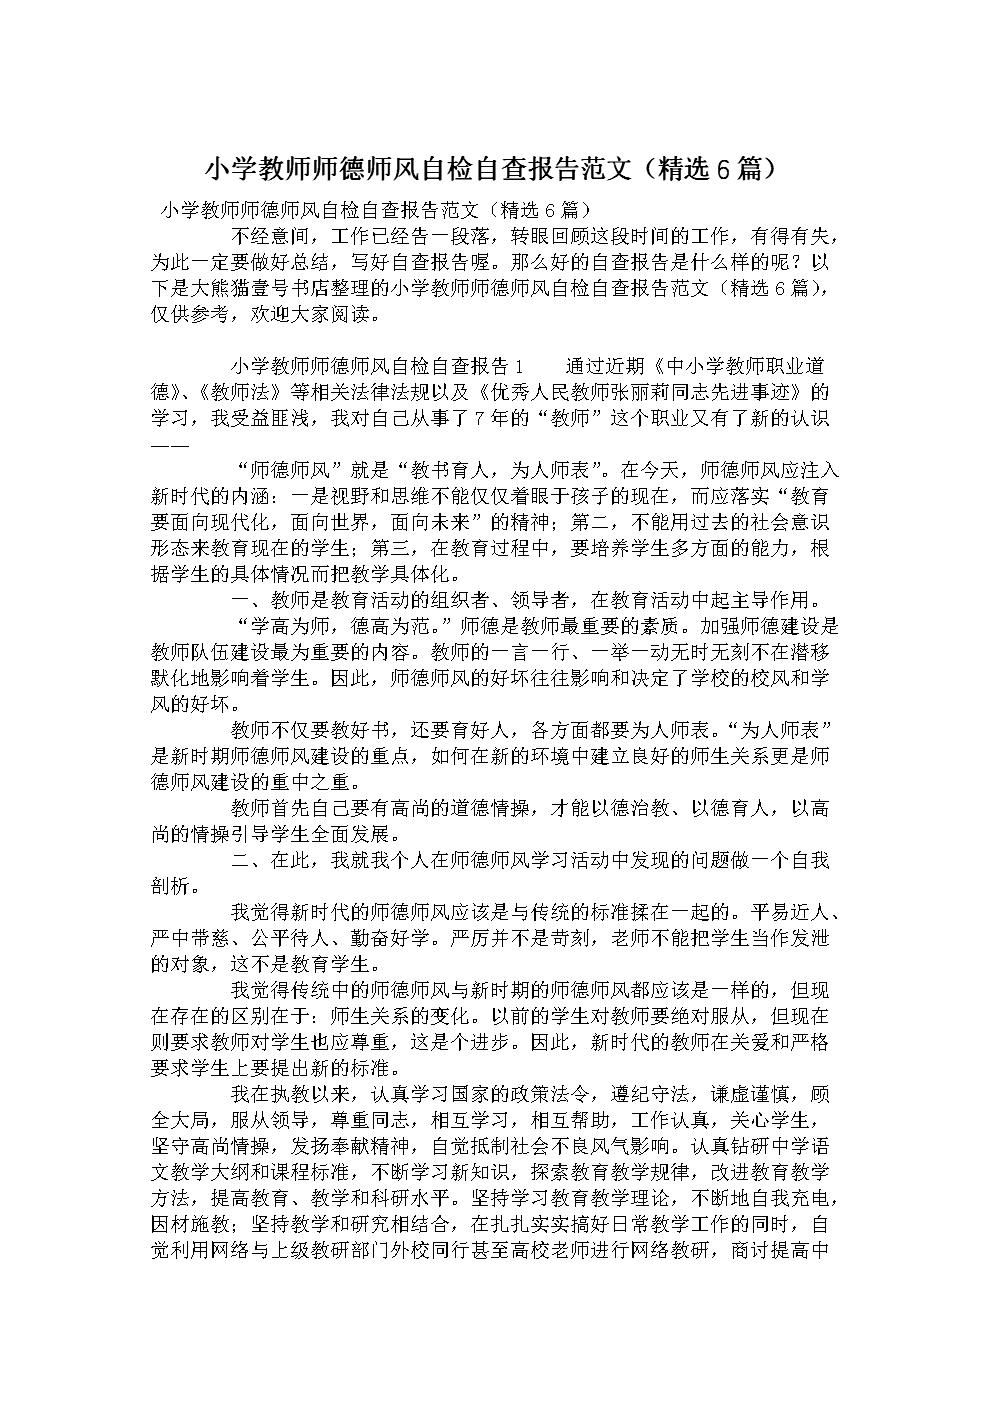 小学教师师德师风自检自查报告范文(精选6篇).doc